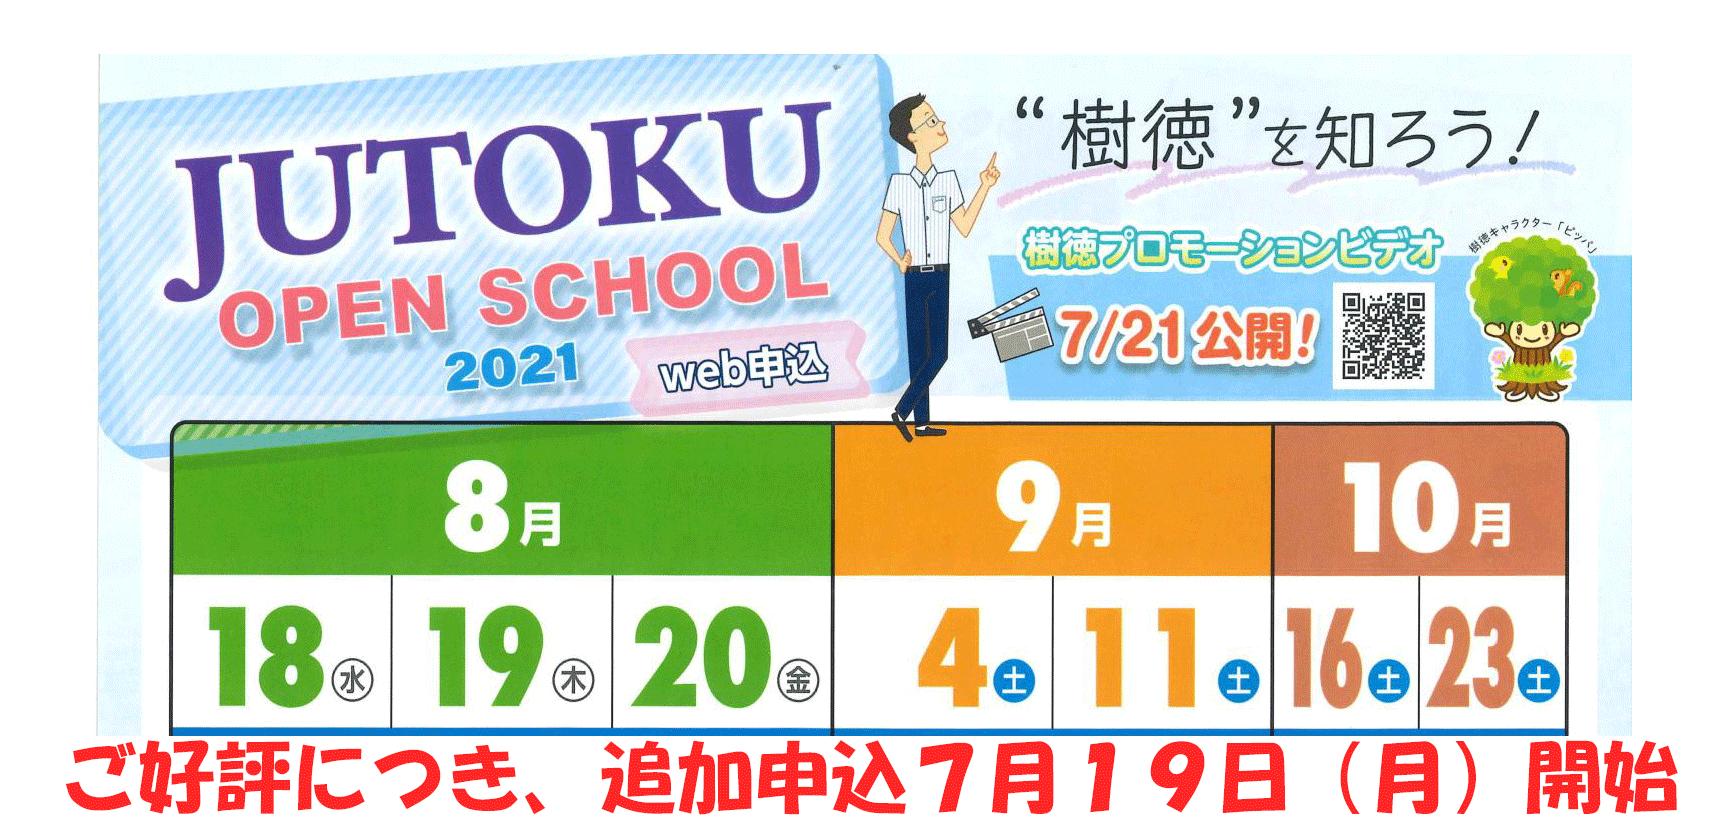 「樹徳高等学校 2021オープンスクール」追加募集について